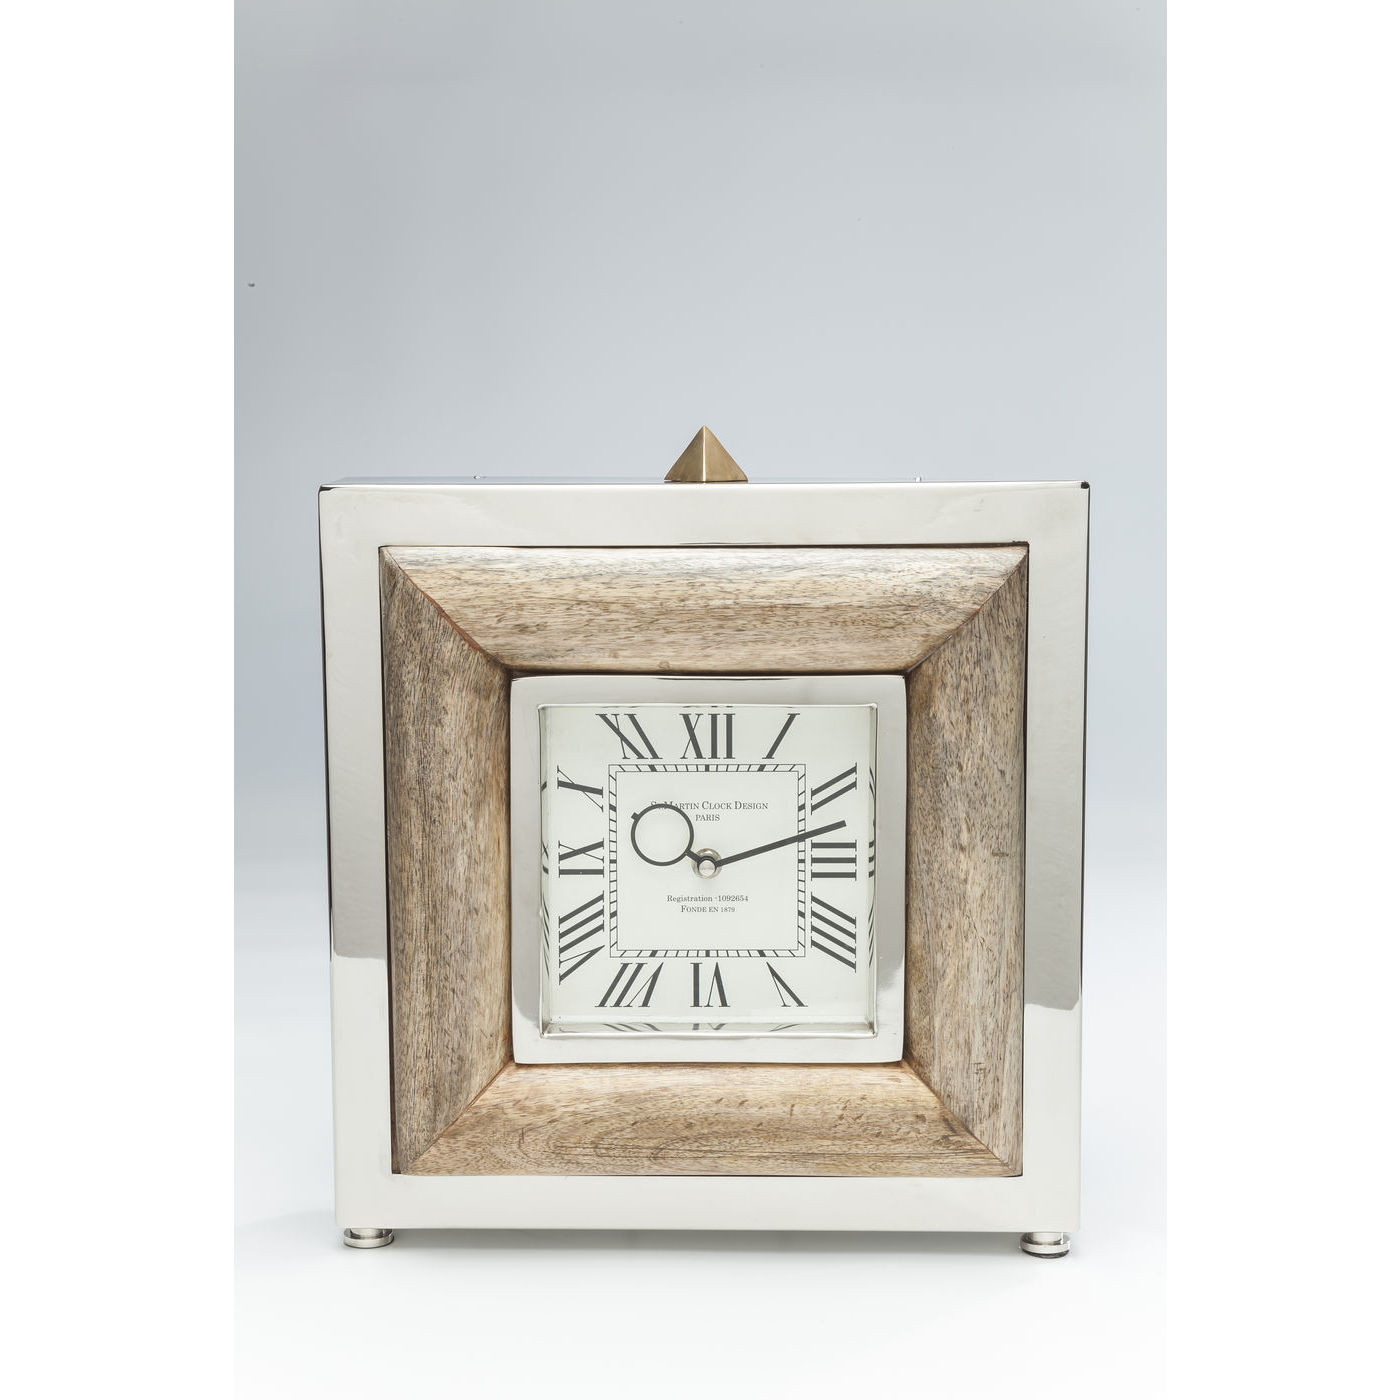 horloge poser st martin bois kare design mutoni m bel. Black Bedroom Furniture Sets. Home Design Ideas